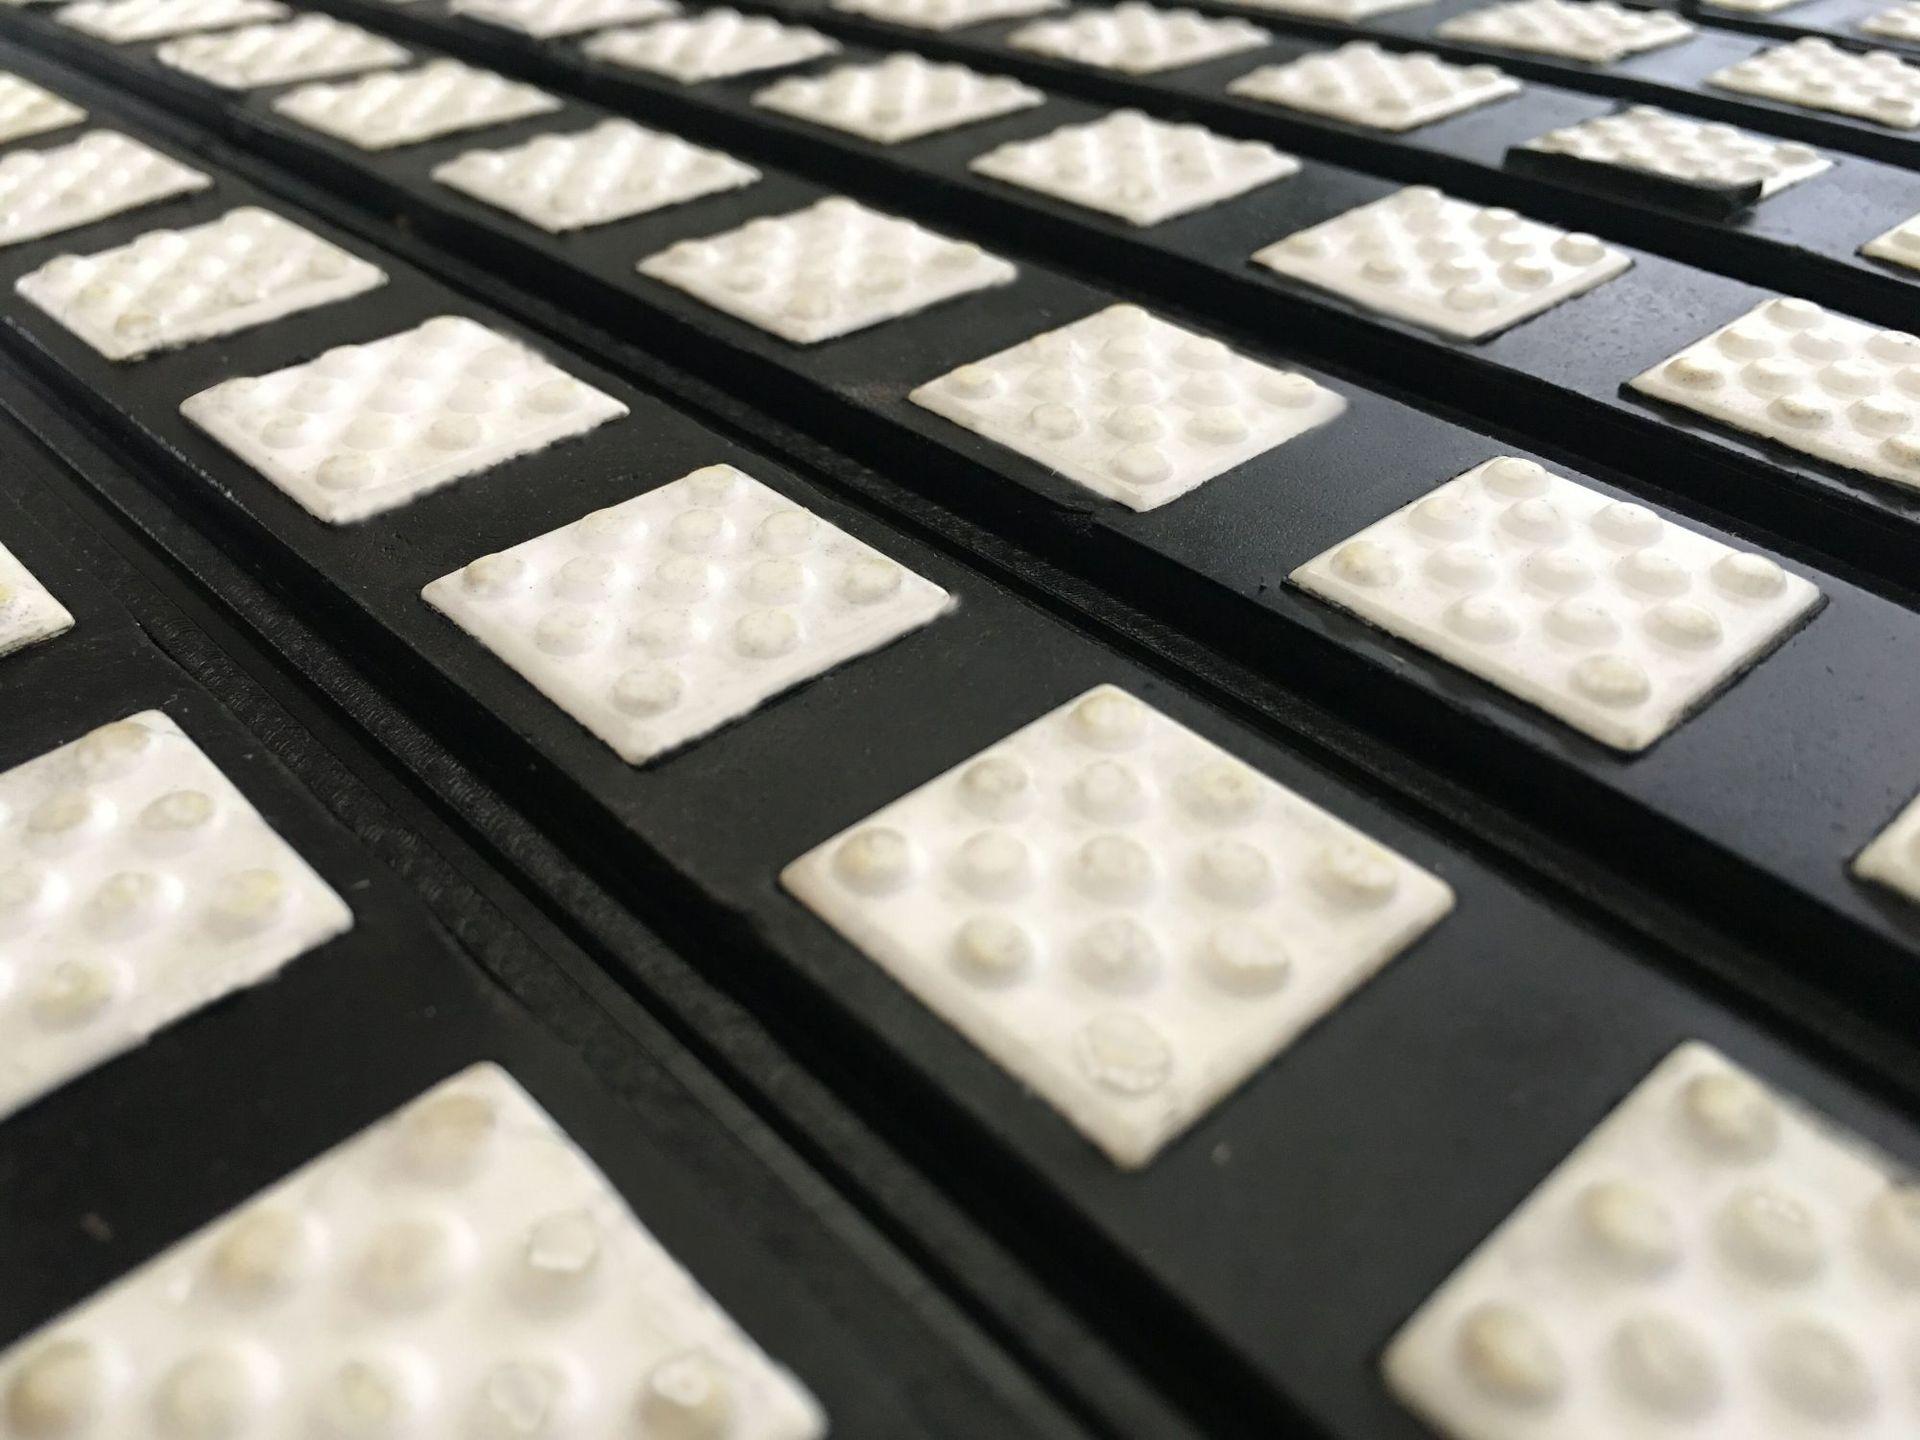 洛阳瑞塔橡胶丨宽500mm带半硫化层陶瓷胶板丨陶瓷包胶现场施工示例图7